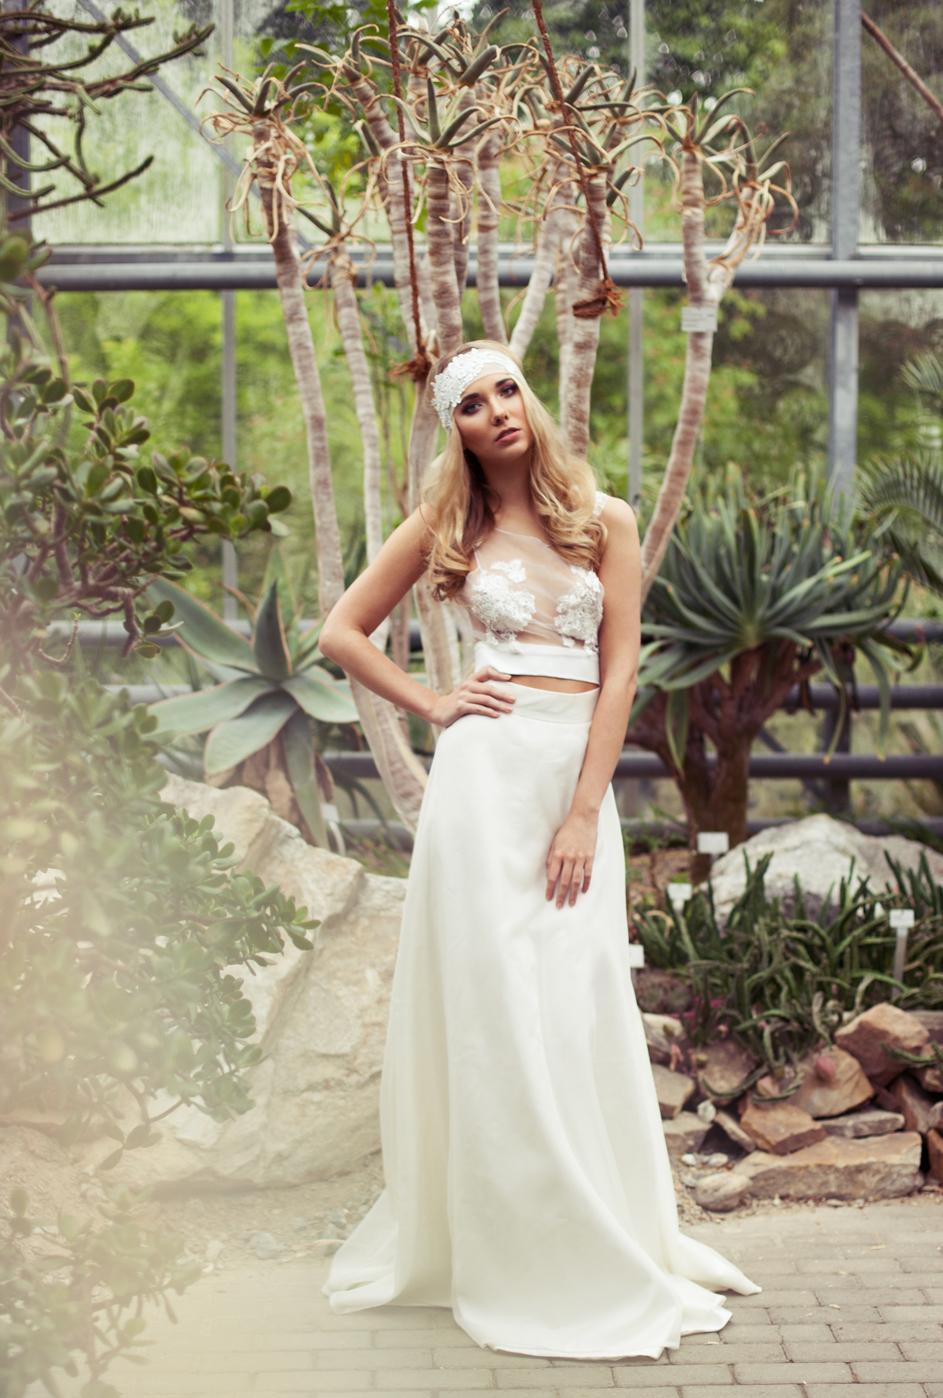 EMANUEL HENDRIK | Alles rund um Brautkleider hier bei mir im Blog!